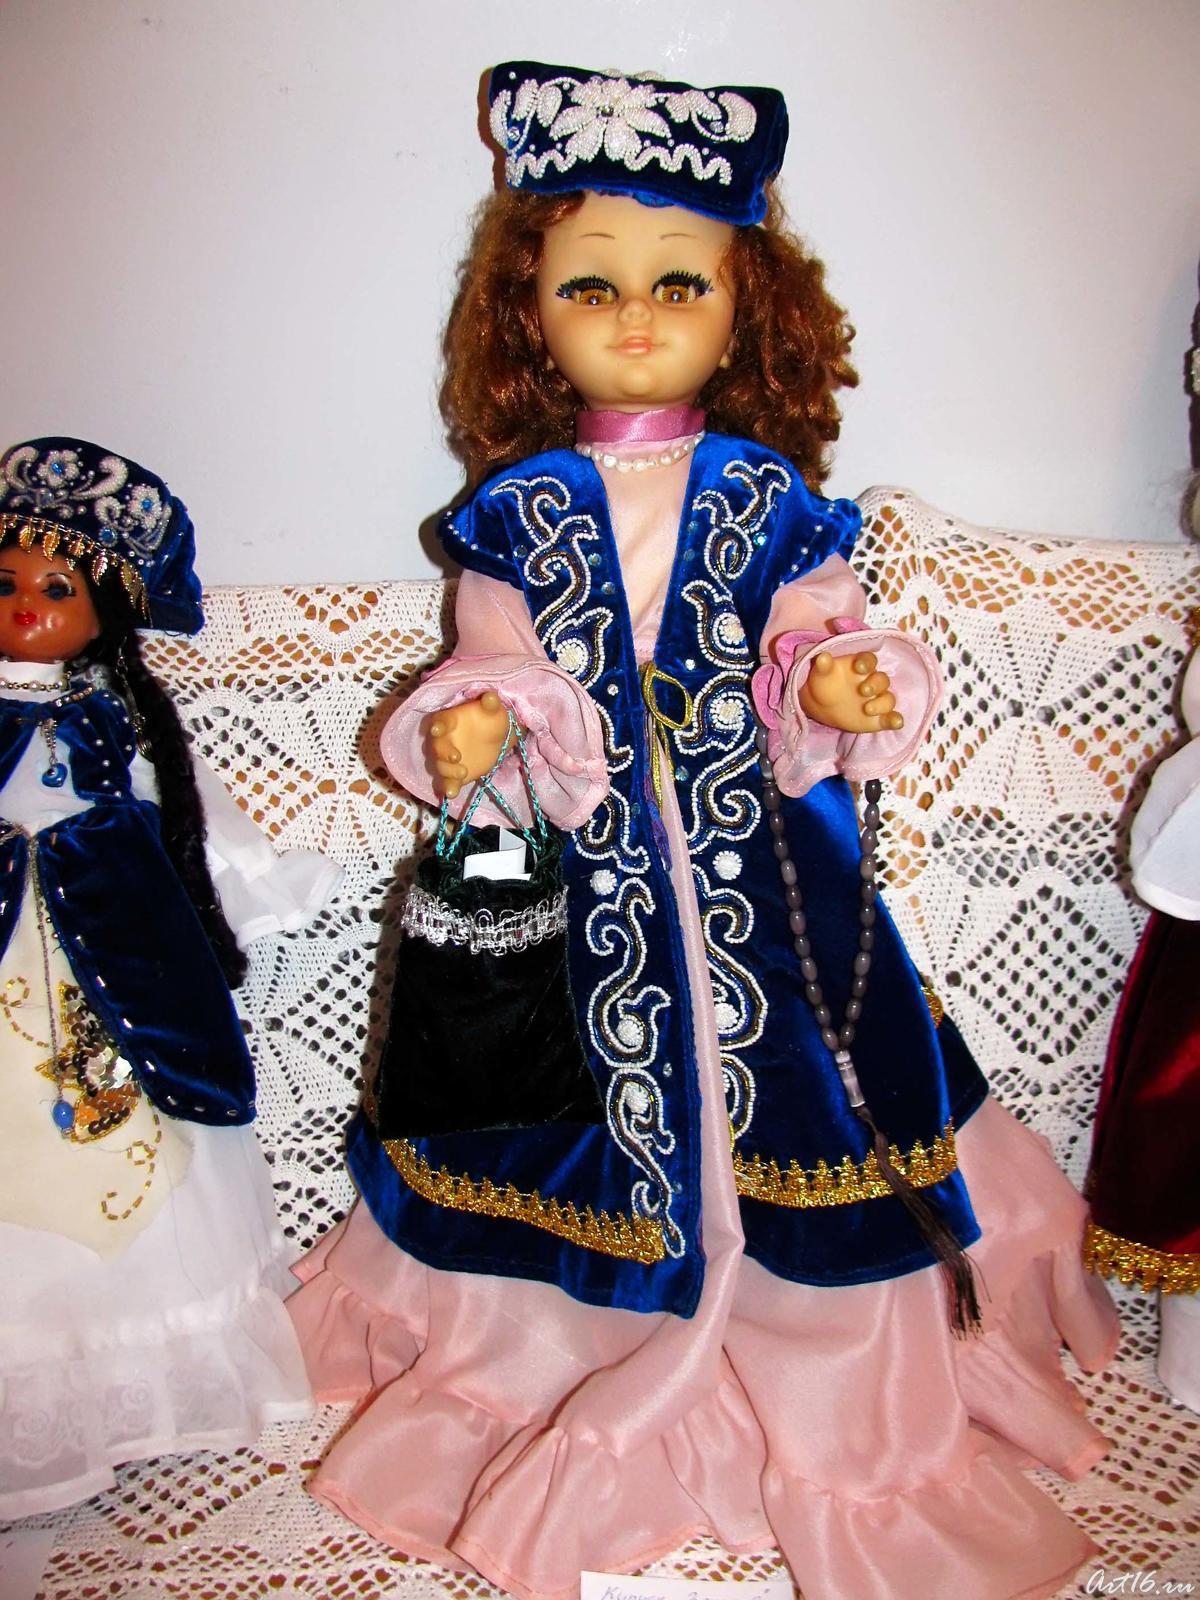 Фото №57613. Кукла ''Зухра'', 2005